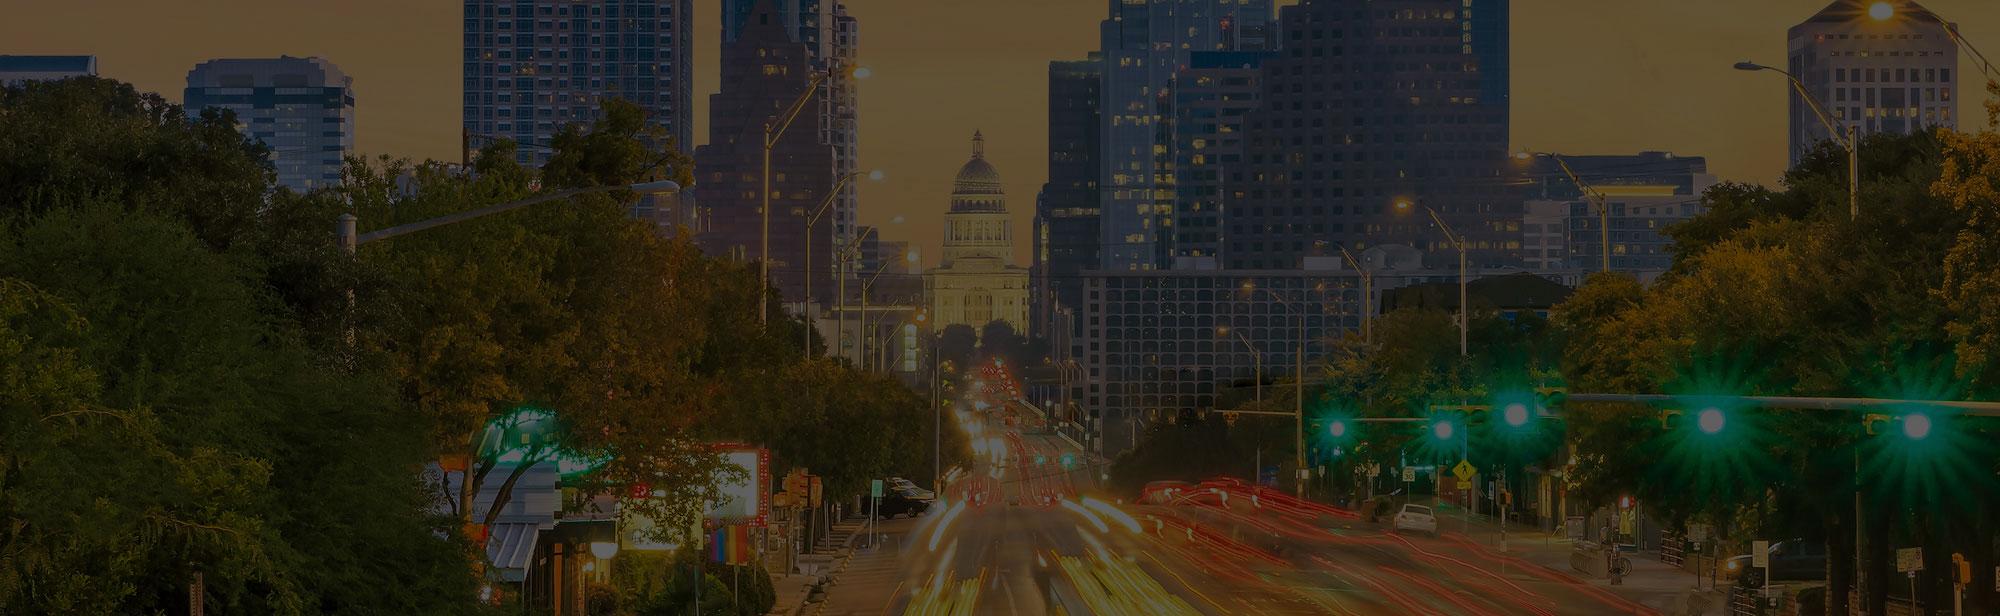 Downtown Austin